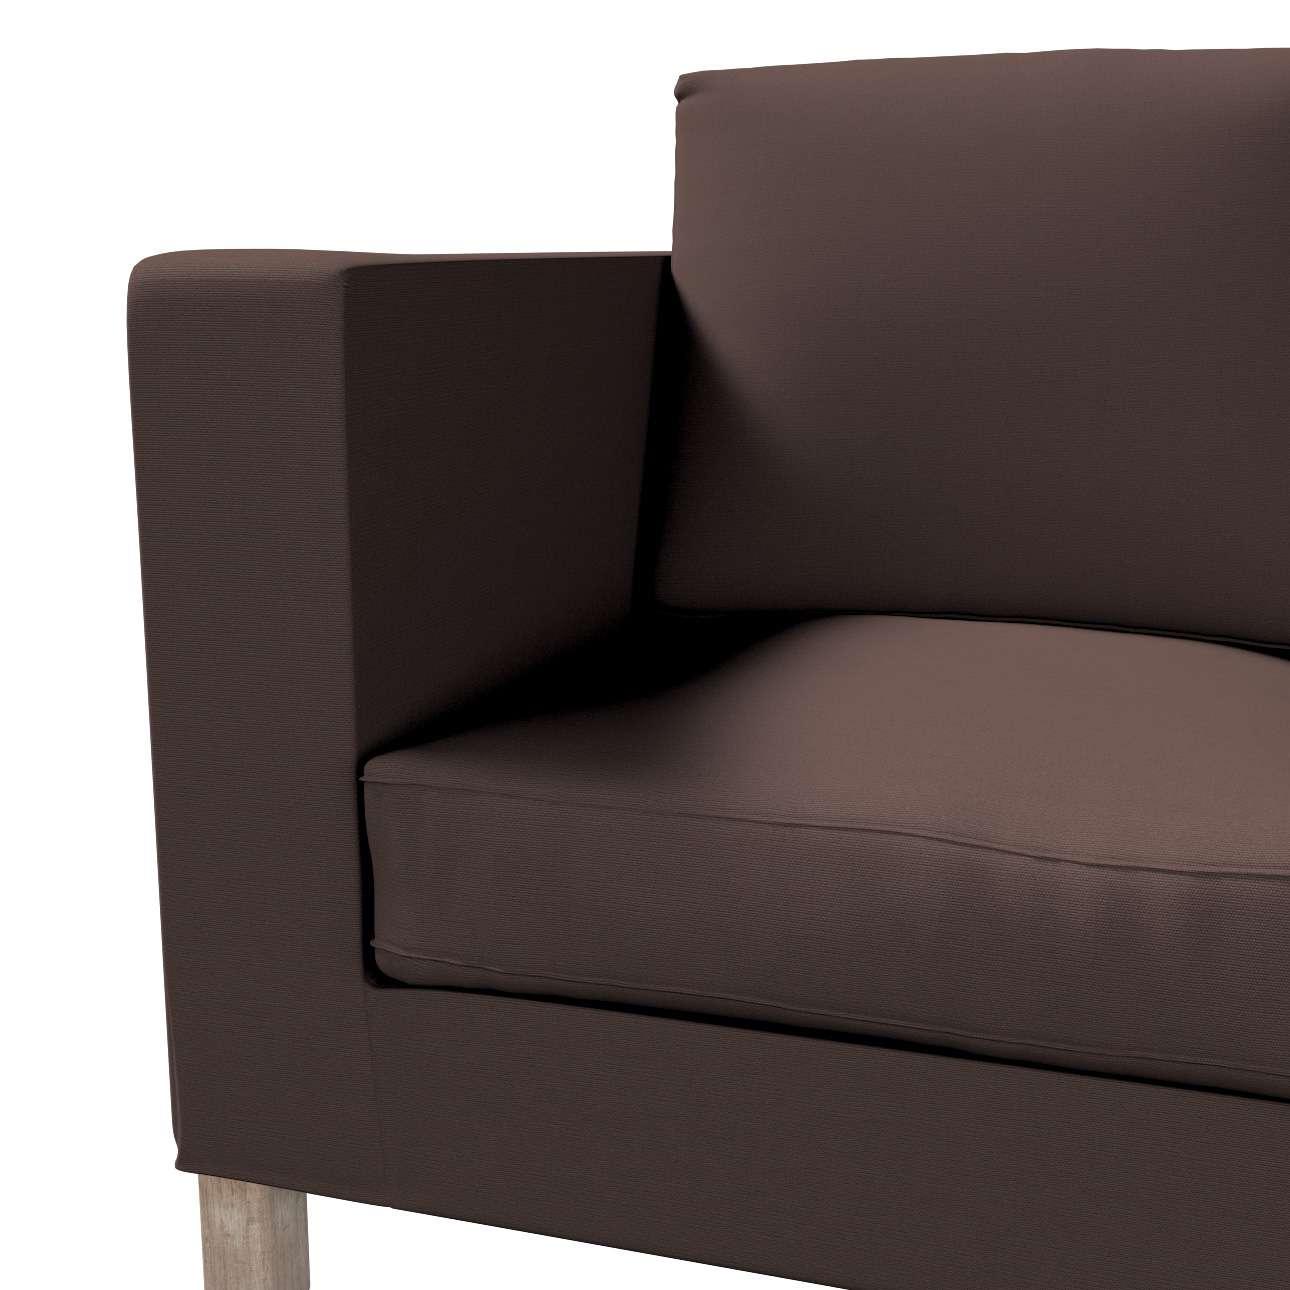 Pokrowiec na sofę Karlanda 2-osobową nierozkładaną, krótki w kolekcji Cotton Panama, tkanina: 702-03